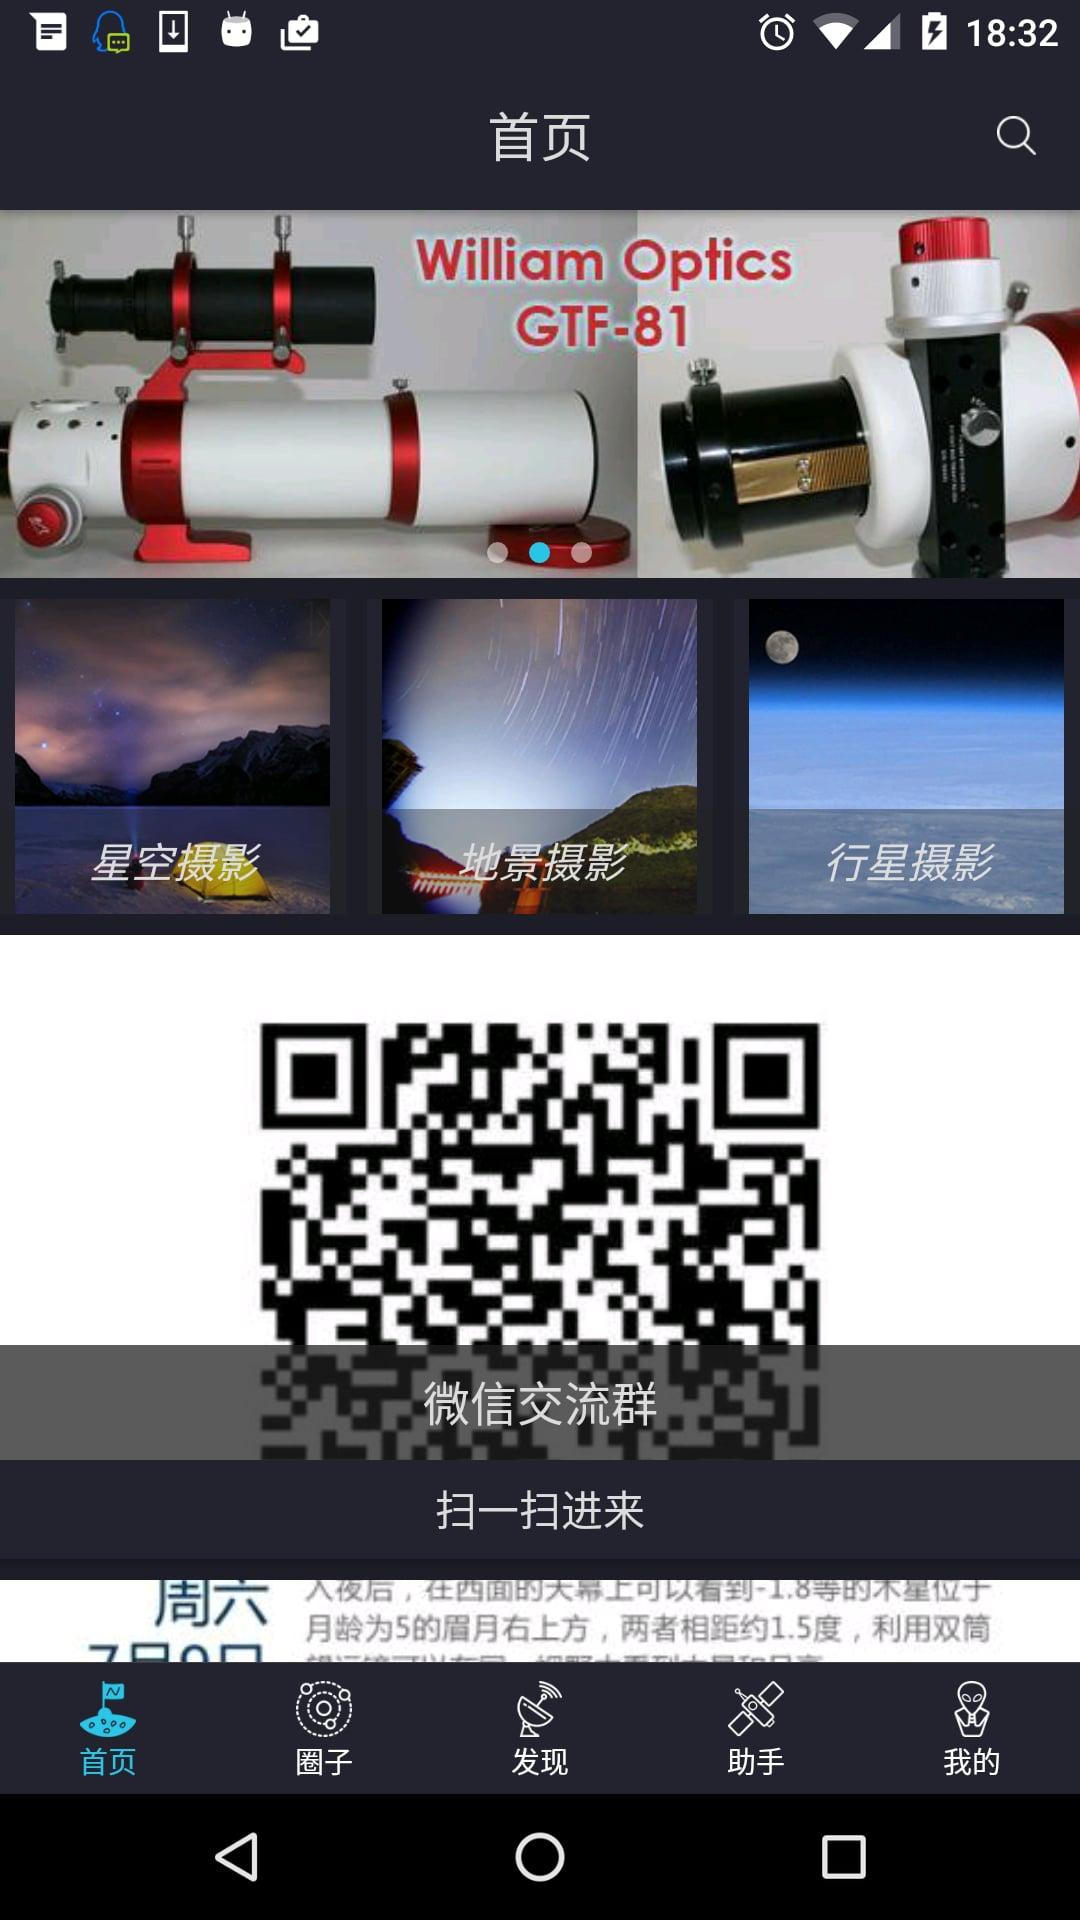 双子天文手机版 V1.0.11 安卓版截图3